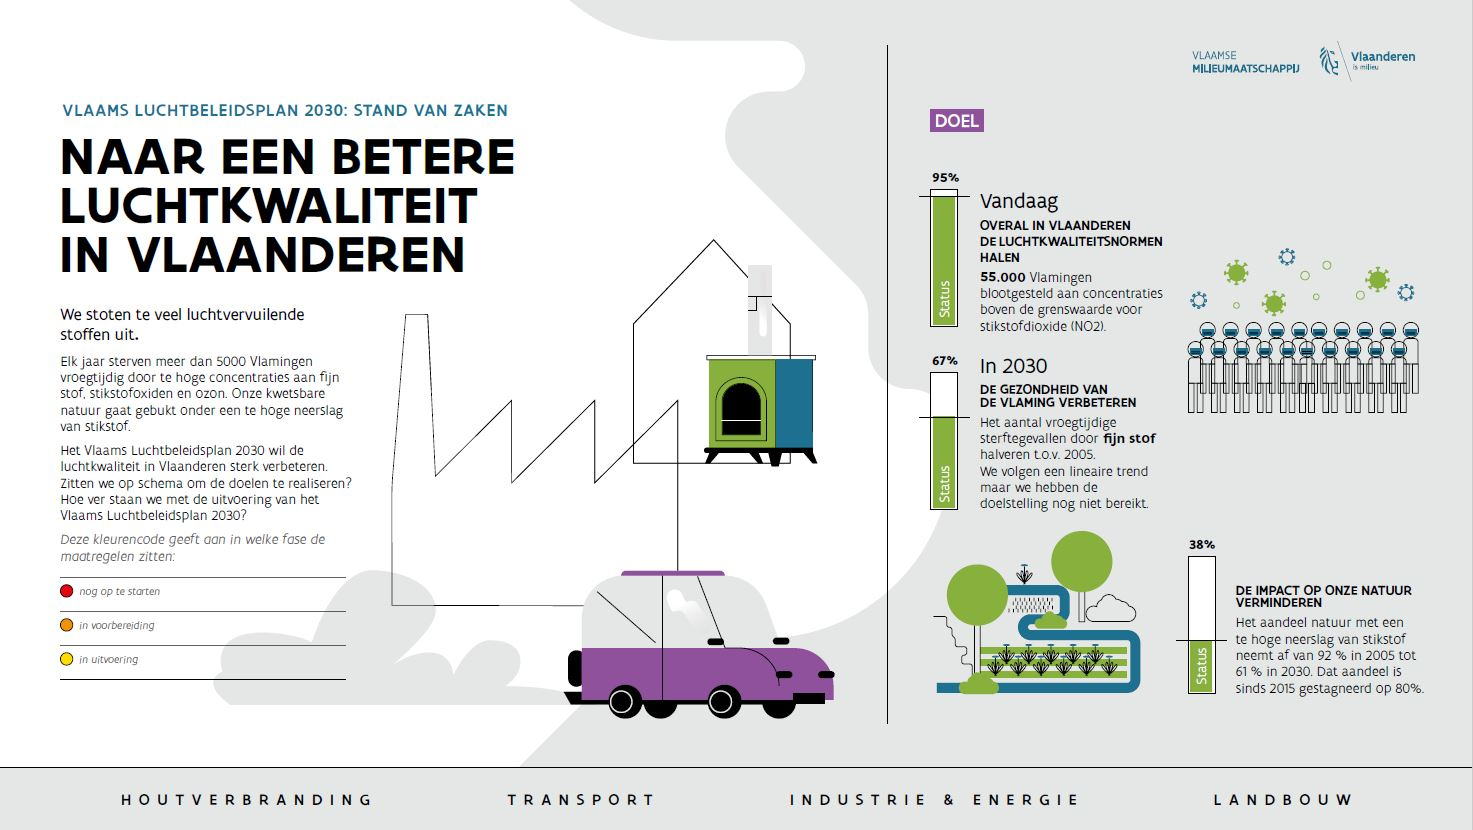 Het Vlaams Luchtkwaliteitsplan bevat doelstellingen en maatregelen om de luchtverontreiniging in Vlaanderen aan te pakken en zo de impact van luchtverontreiniging op onze gezondheid en het leefmilieu verder te verminderen.